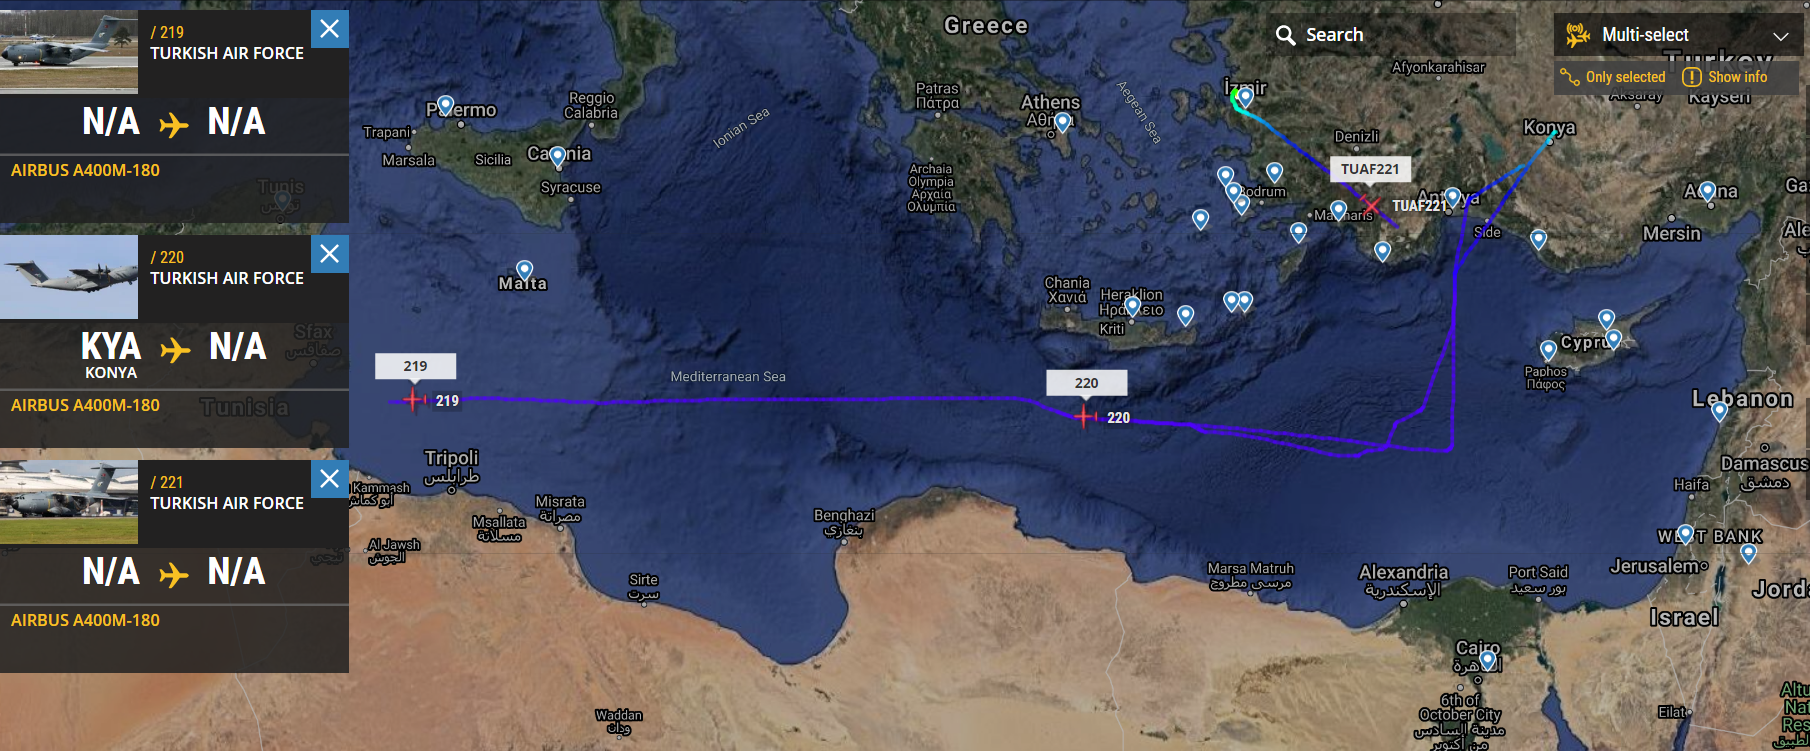 التطورات الميدانية اليومية في الشقيقة ليبيا  - صفحة 44 Opera-Anlik-Goruntu_2020-12-01_163447_www.flightradar24.com_